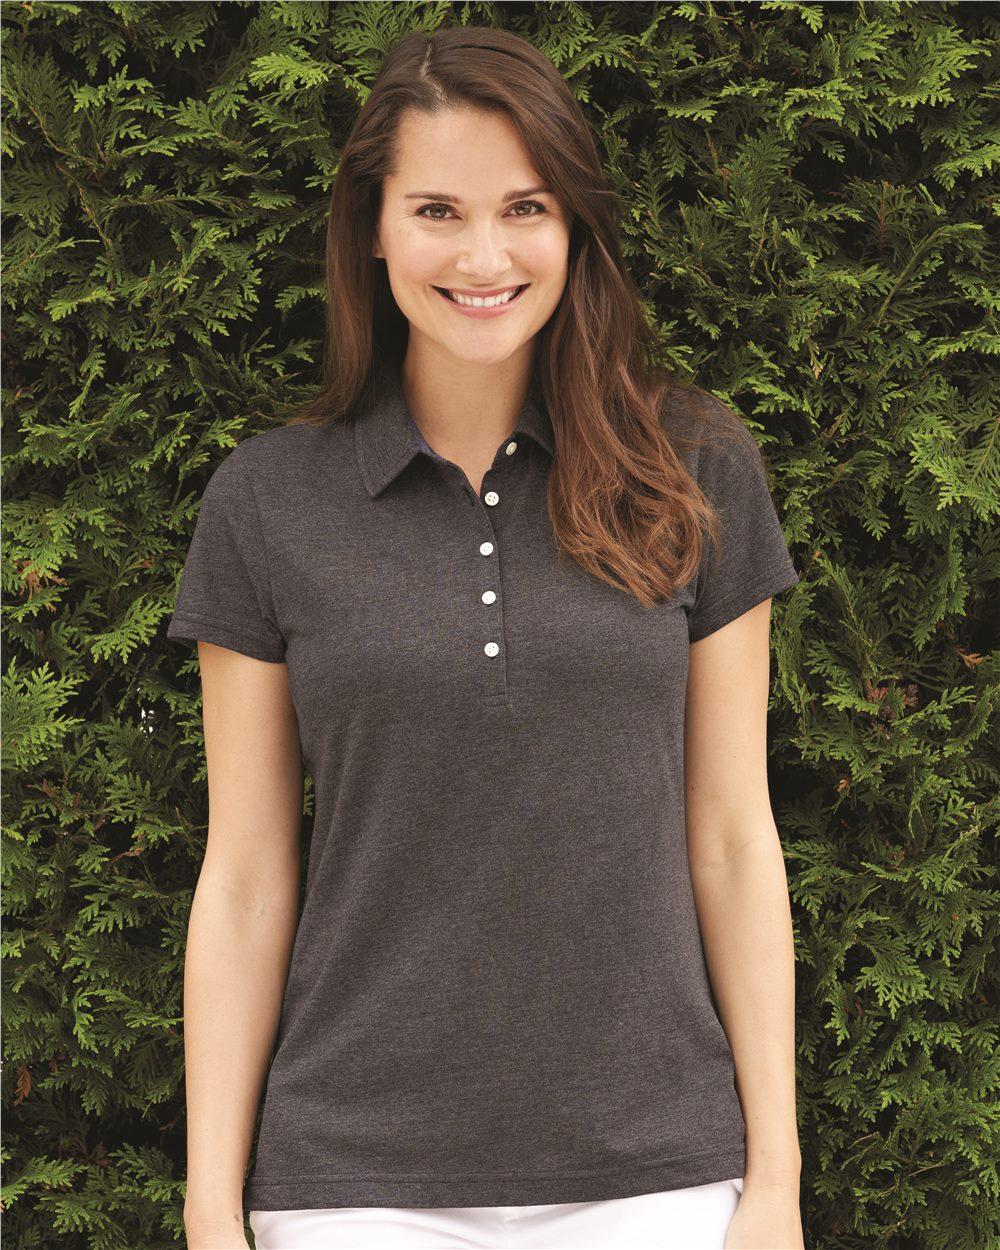 IZOD 13Z0136 - Women's Heather Jersey Sport Shirt